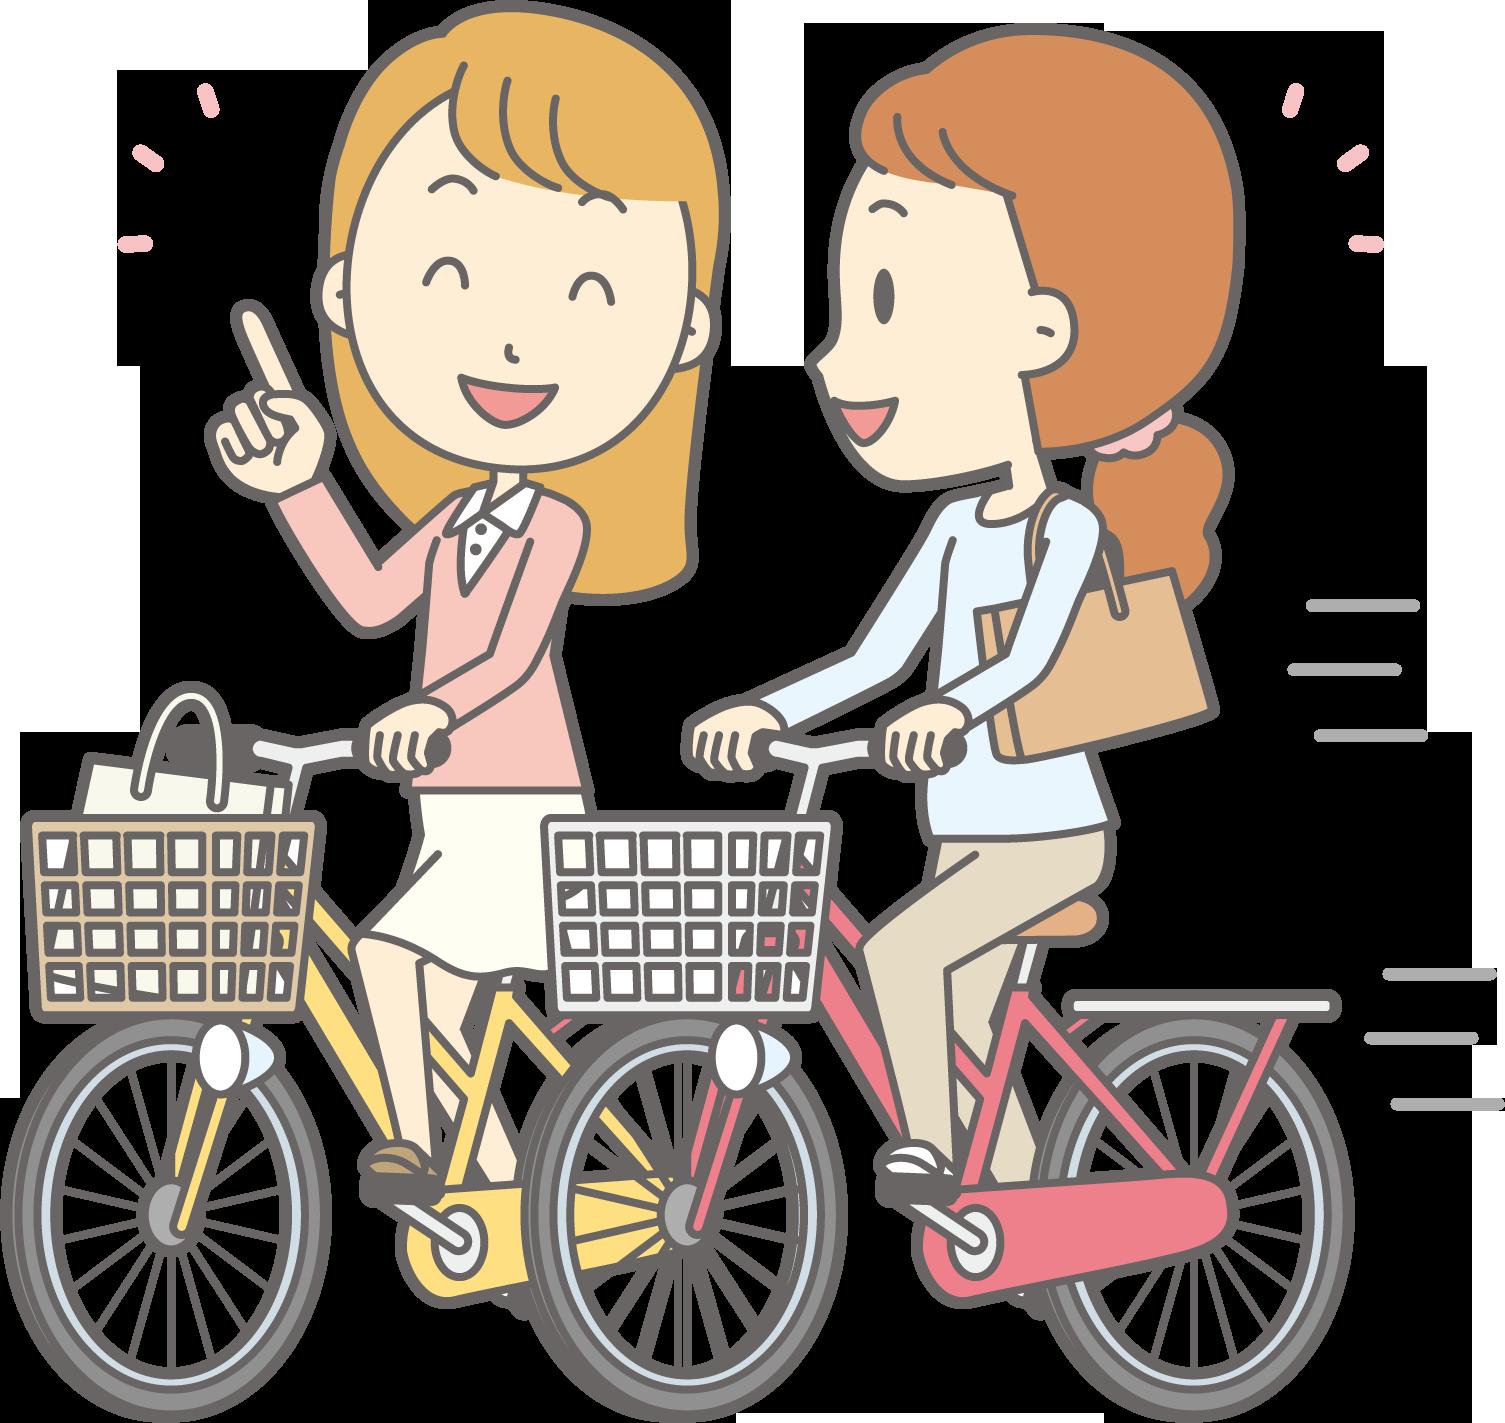 自転車通勤での汗対策とおすすめの服装や女性のための秘策をご紹介